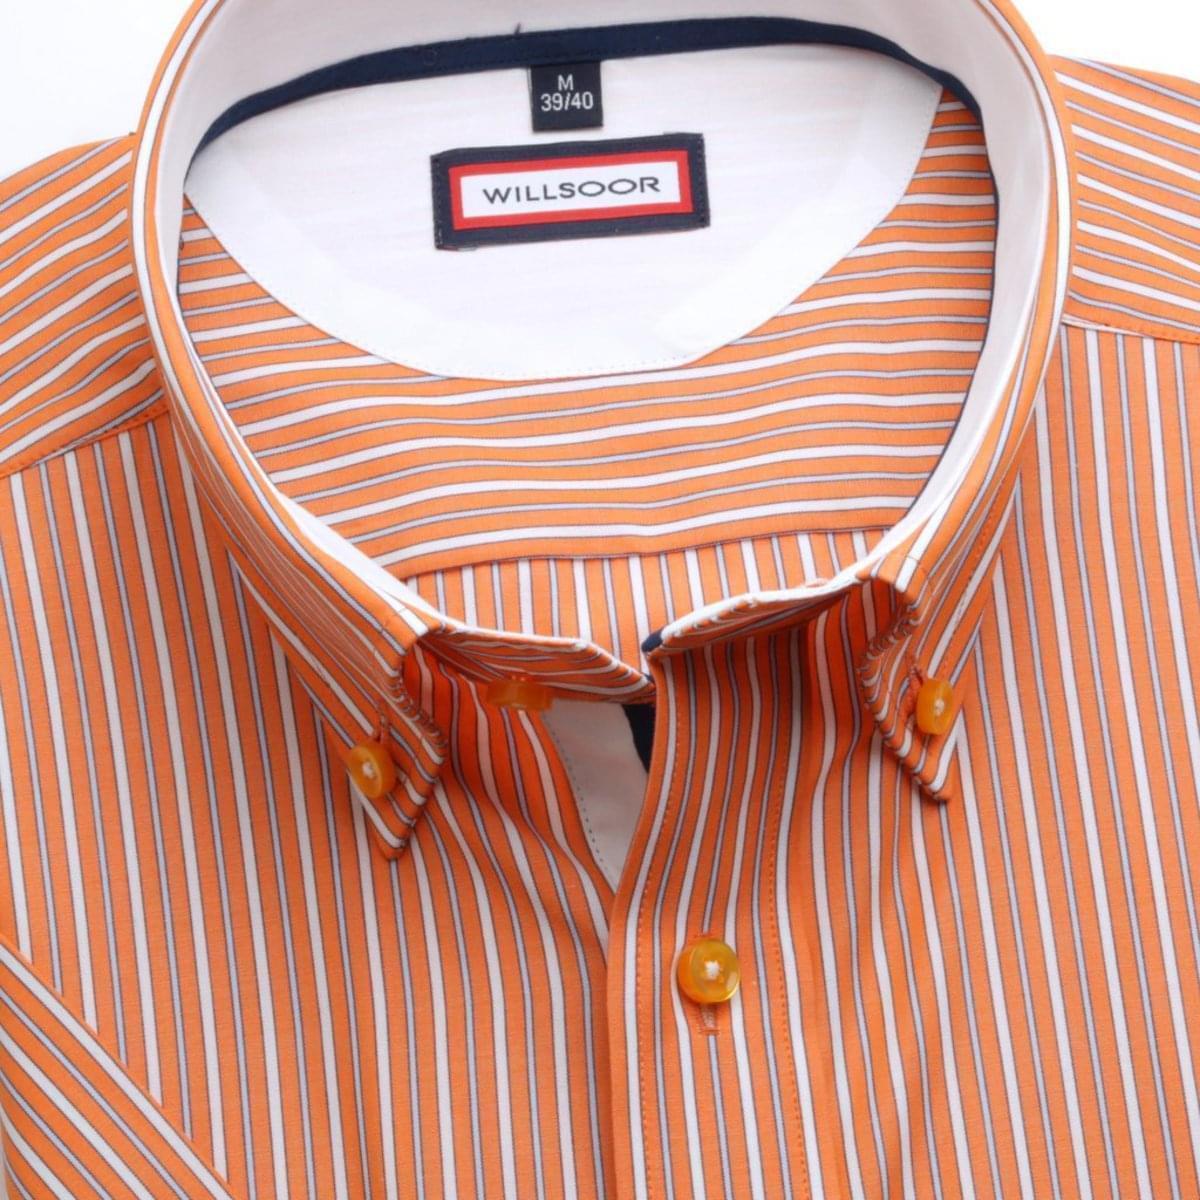 Pánska slim fit košele (výška 176-182) 6270 s pásikom, golierikom na gombíky a krátkym rukávom 176-182 / M (39/40)